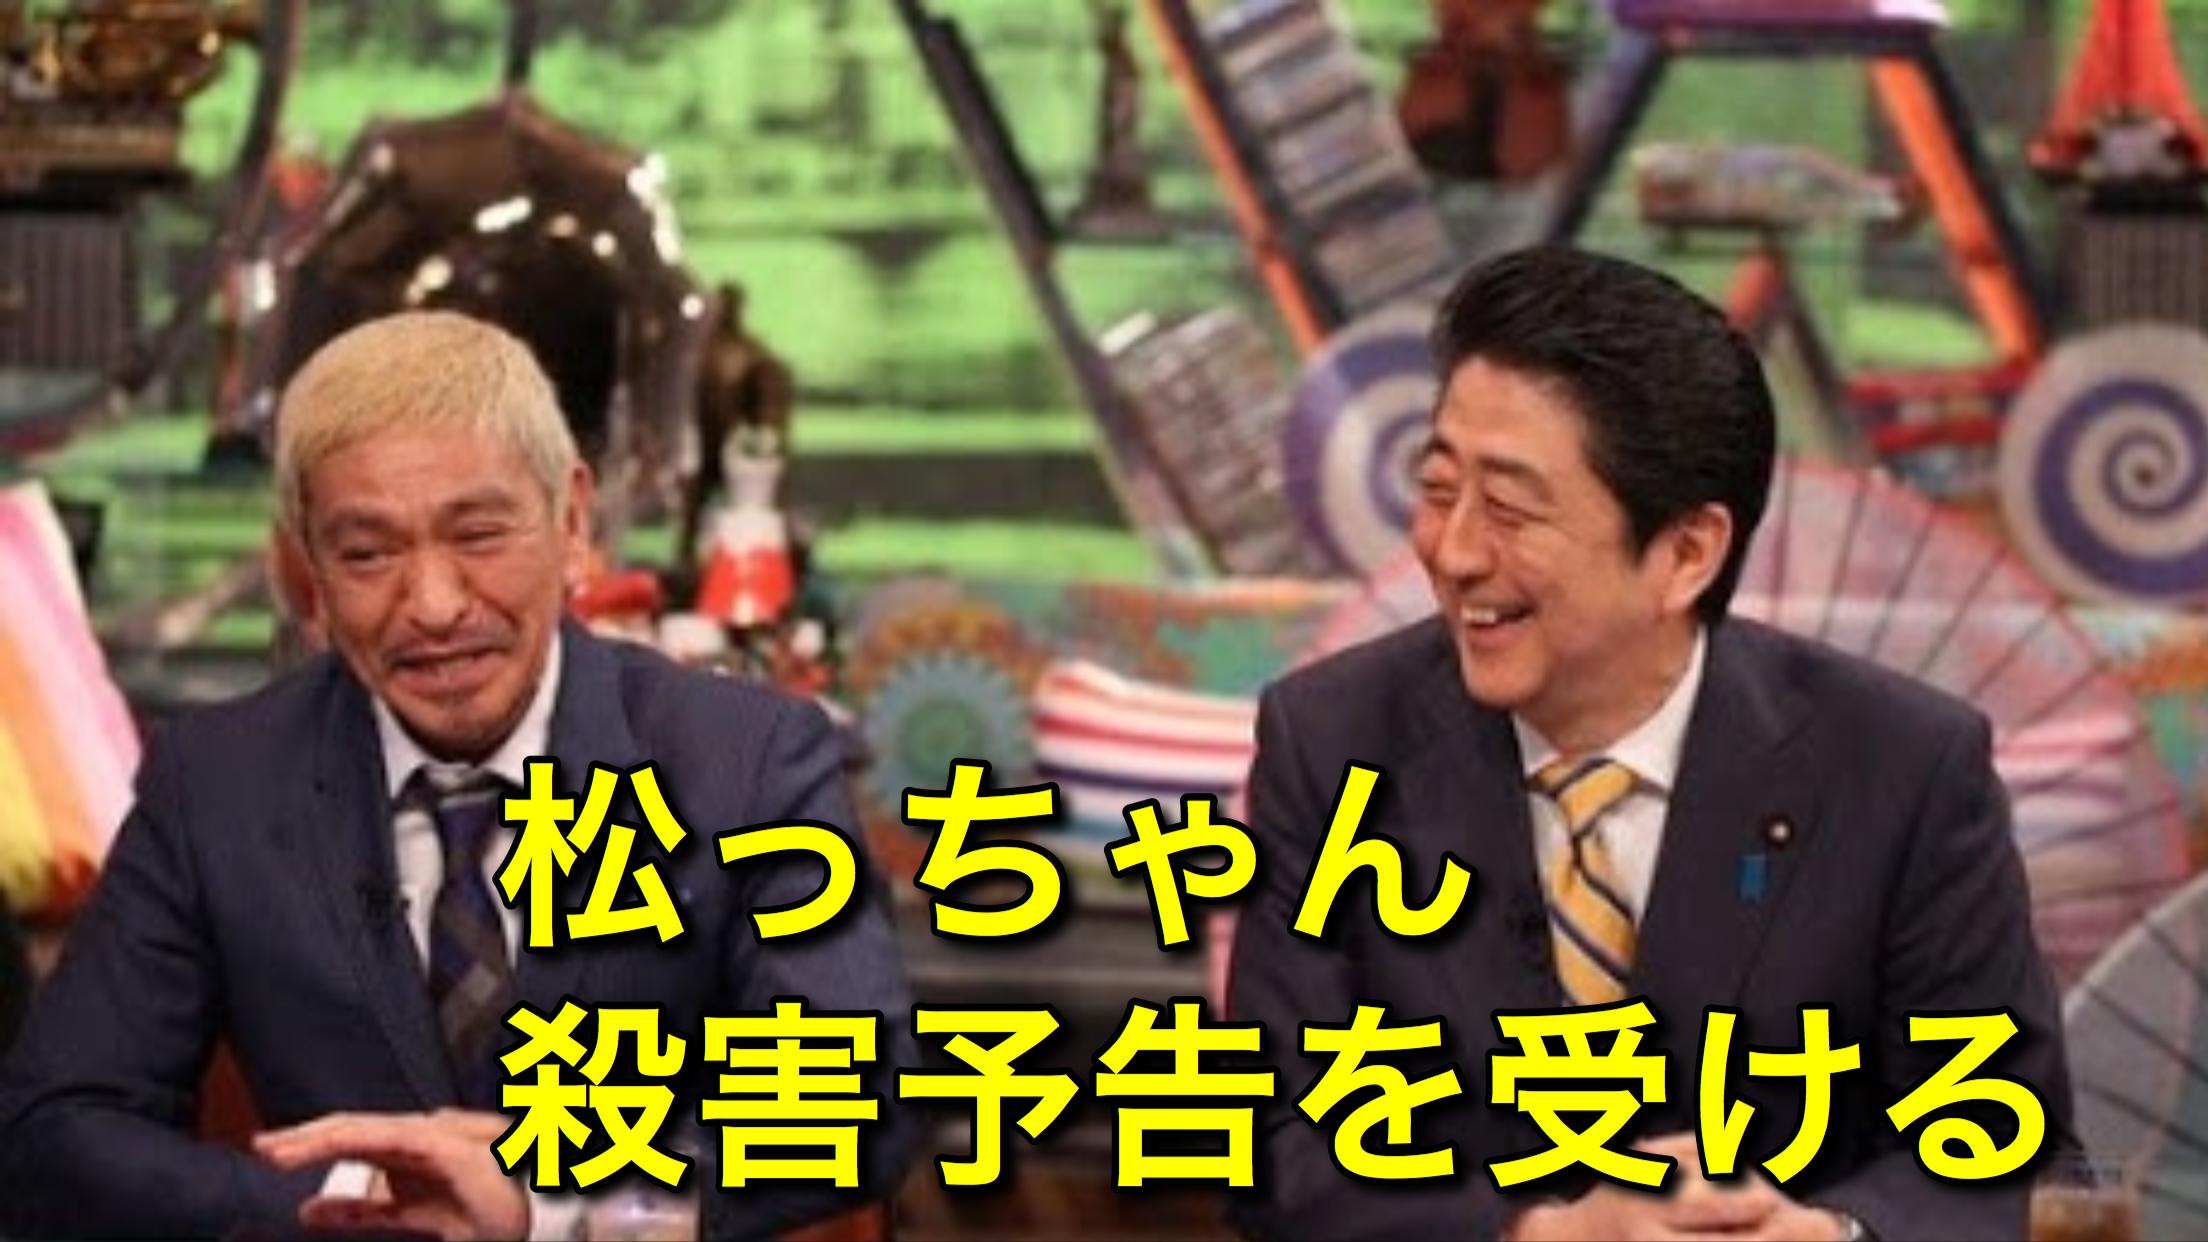 速報!5chで殺害予告「今から松本人志を殺しにいく予定だけど質問ある?」通報されガチで逮捕されそう